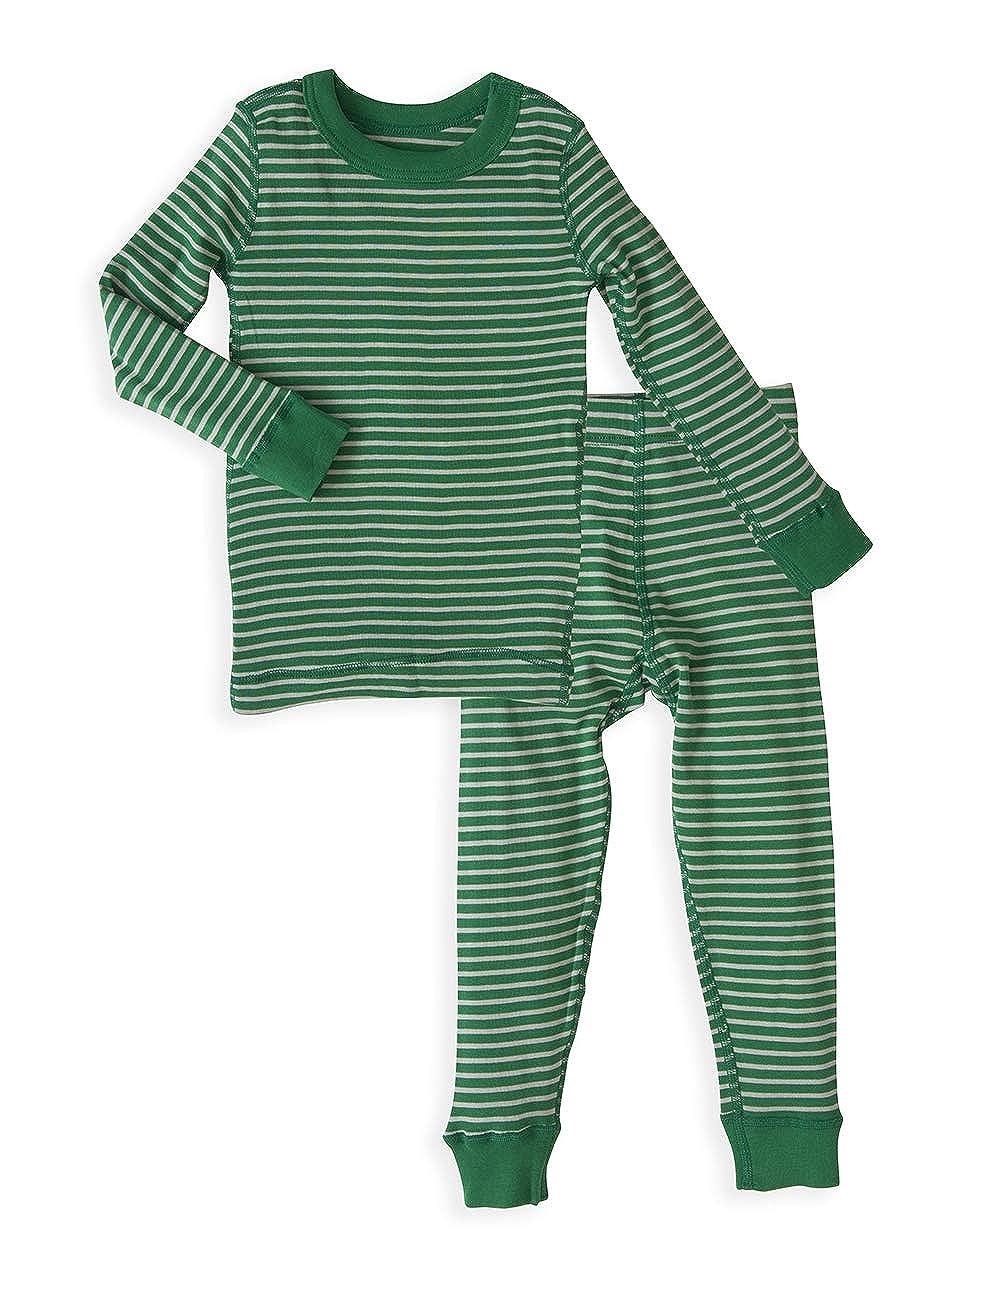 【最安値挑戦】 Skylar Luna SLEEPWEAR ユニセックスベビー 3T Forest Green/Silver Green Forest Luna/Silver B07G9SYR71, Fridge:11deaa85 --- a0267596.xsph.ru